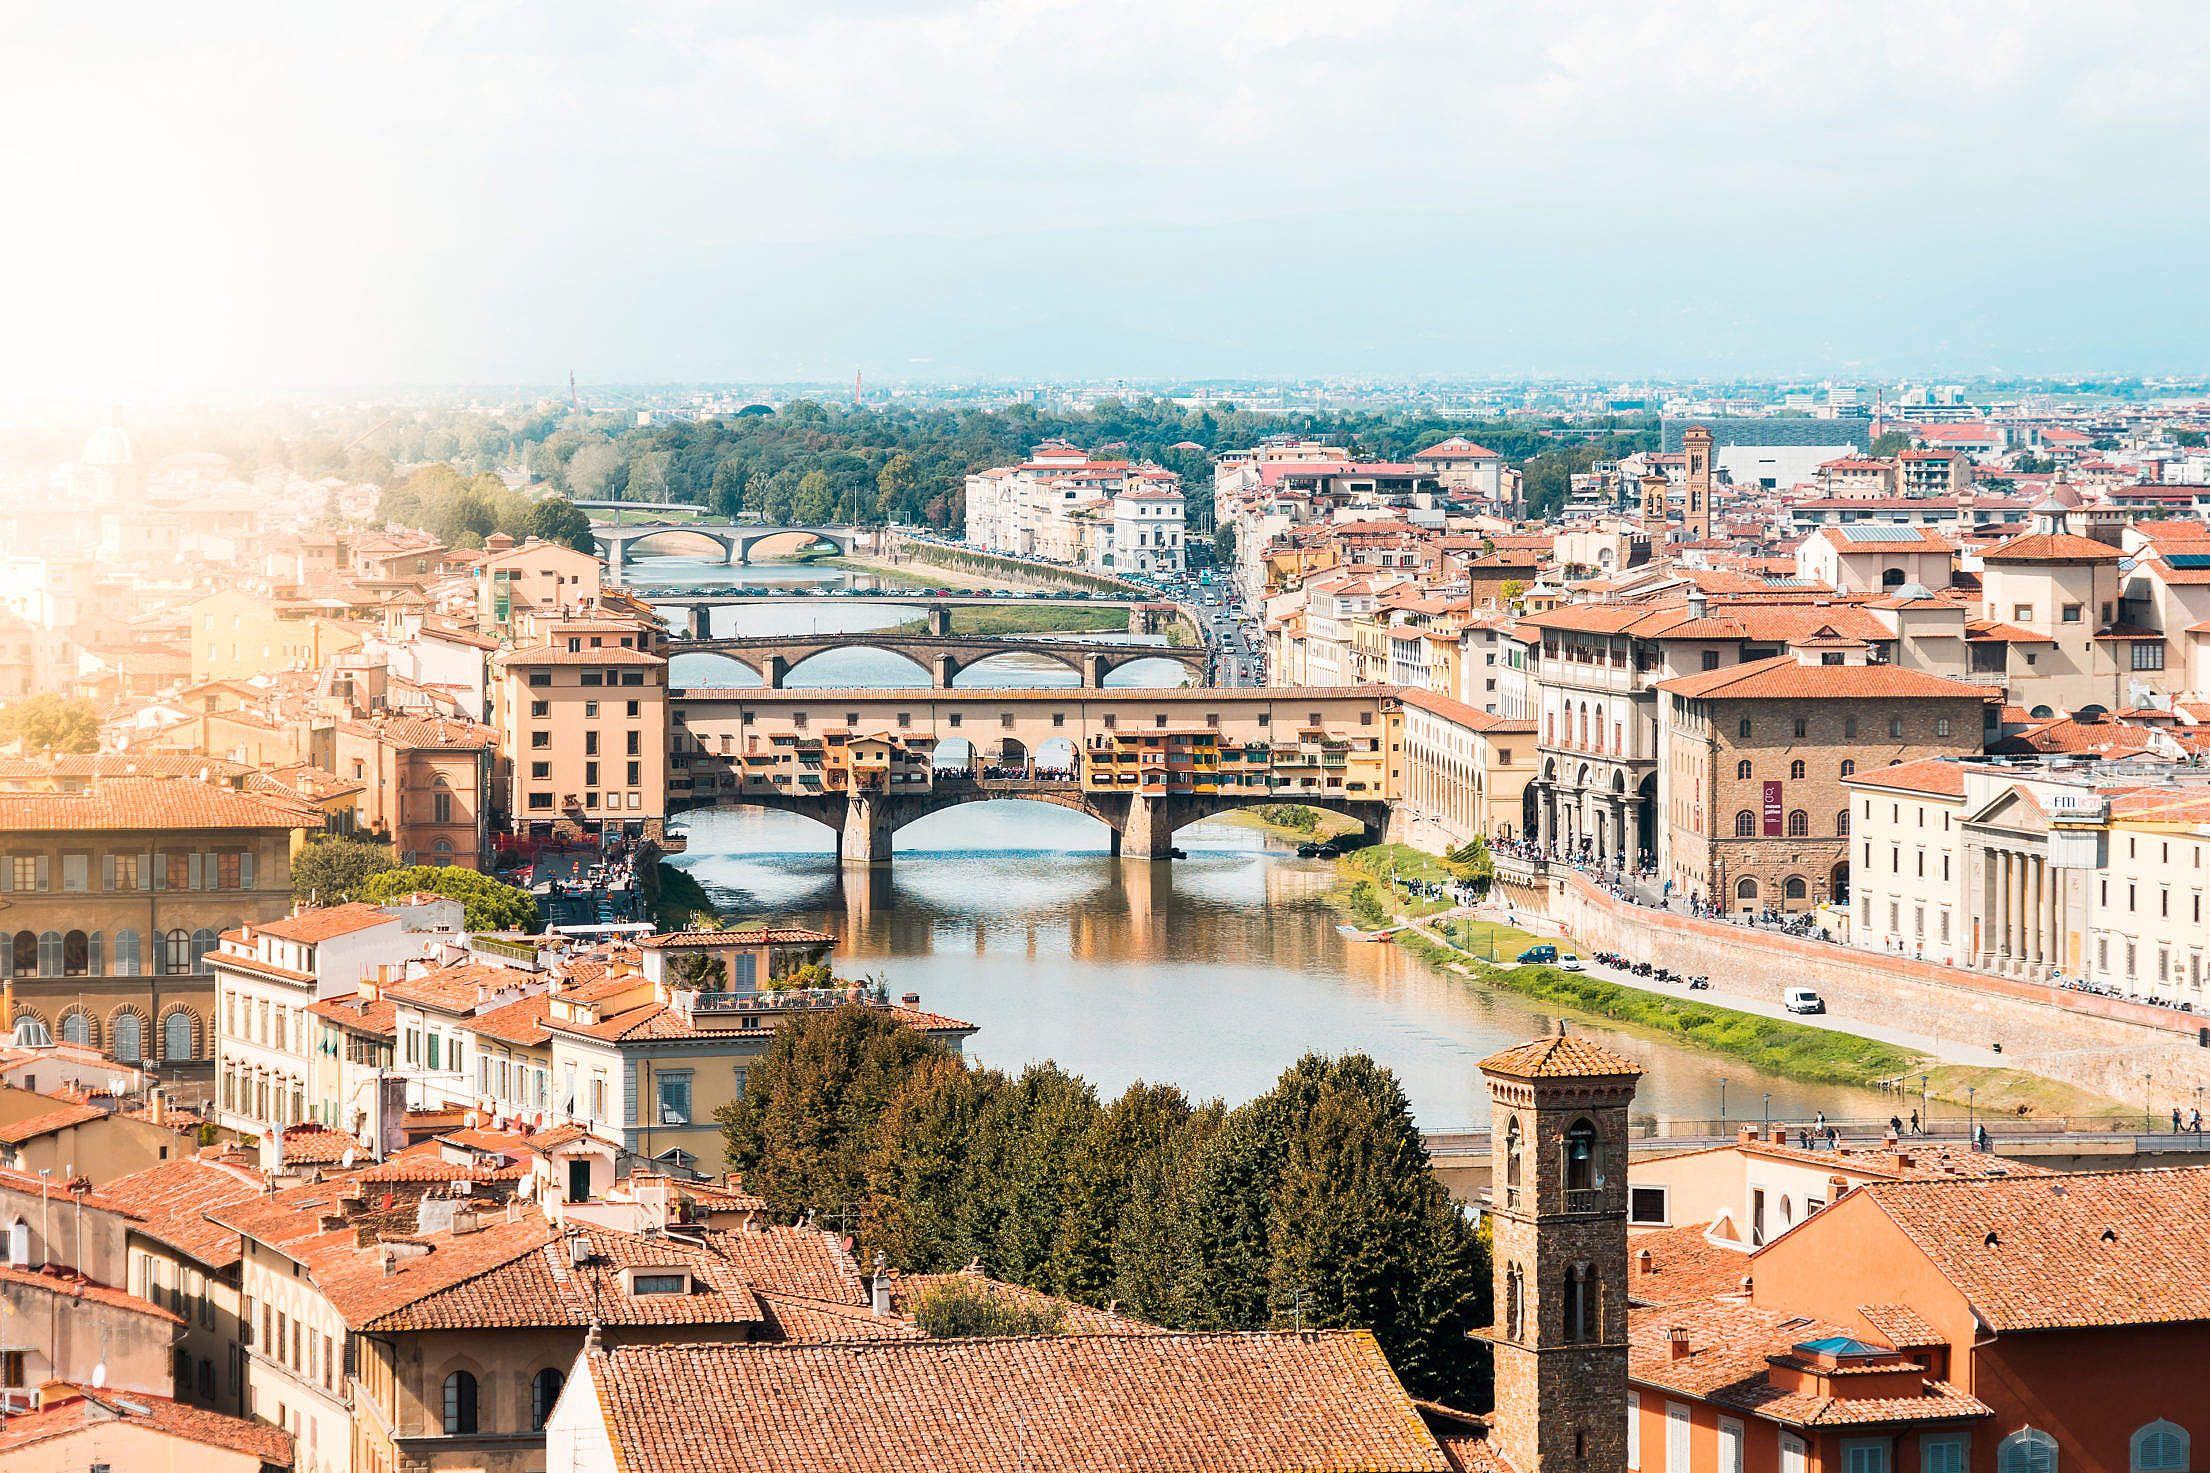 Download Ponte Vecchio on Arno River. Florence. Italy Free Stock Photo | Stock photo sites. Arno river. Free stock photos